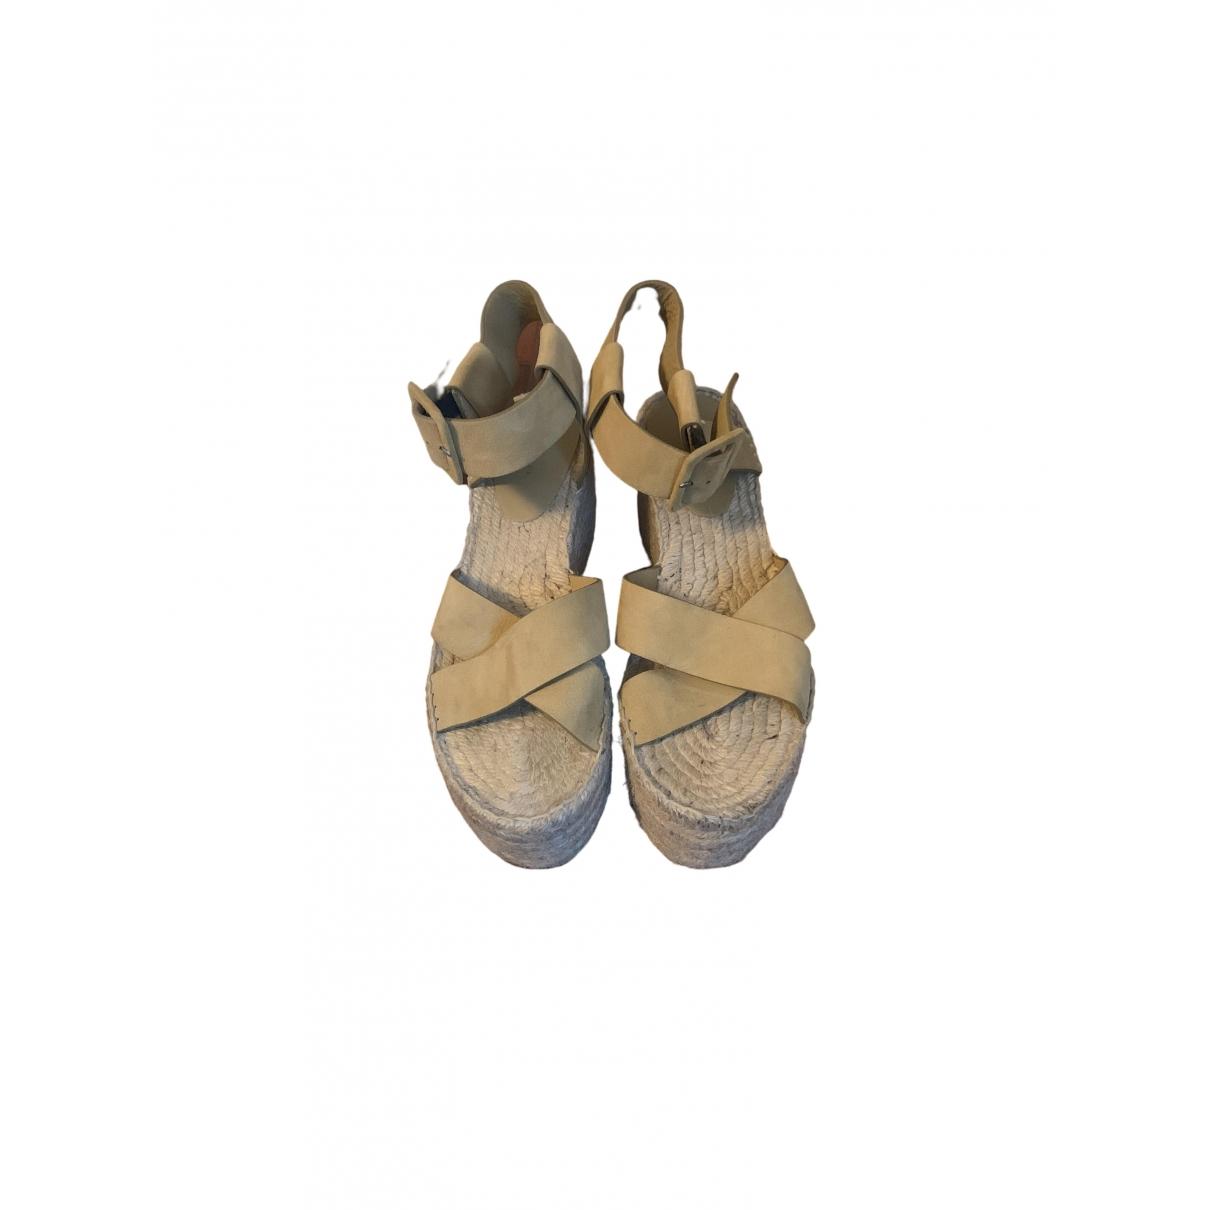 Celine \N Beige Leather Sandals for Women 38 EU